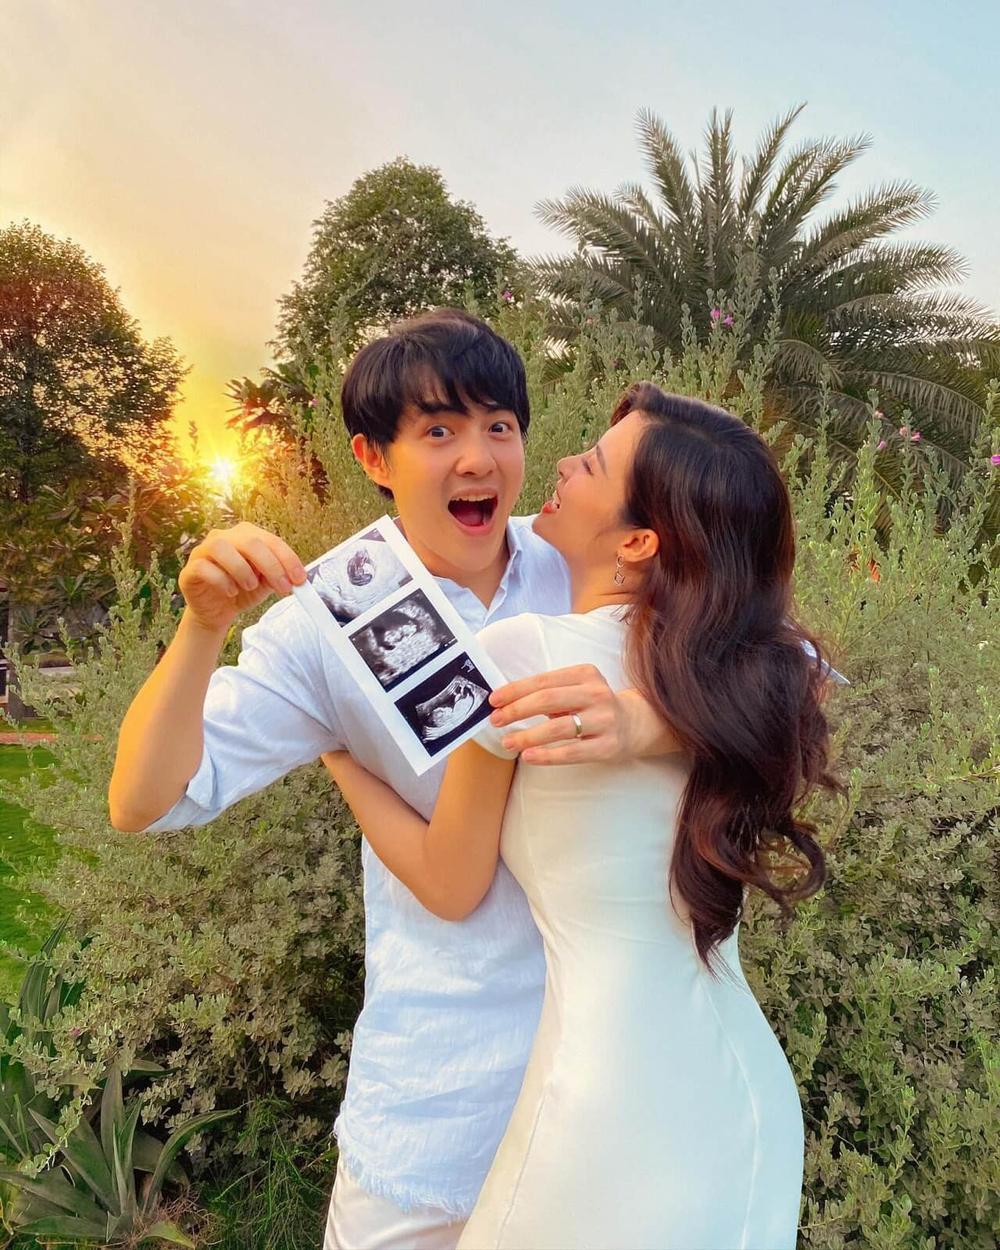 Mỹ Tâm nhận thua Đông Nhi khi nhắc đến bé Winnie, Noo Phước Thịnh tiết lộ đang đợi tuổi cưới Ảnh 6